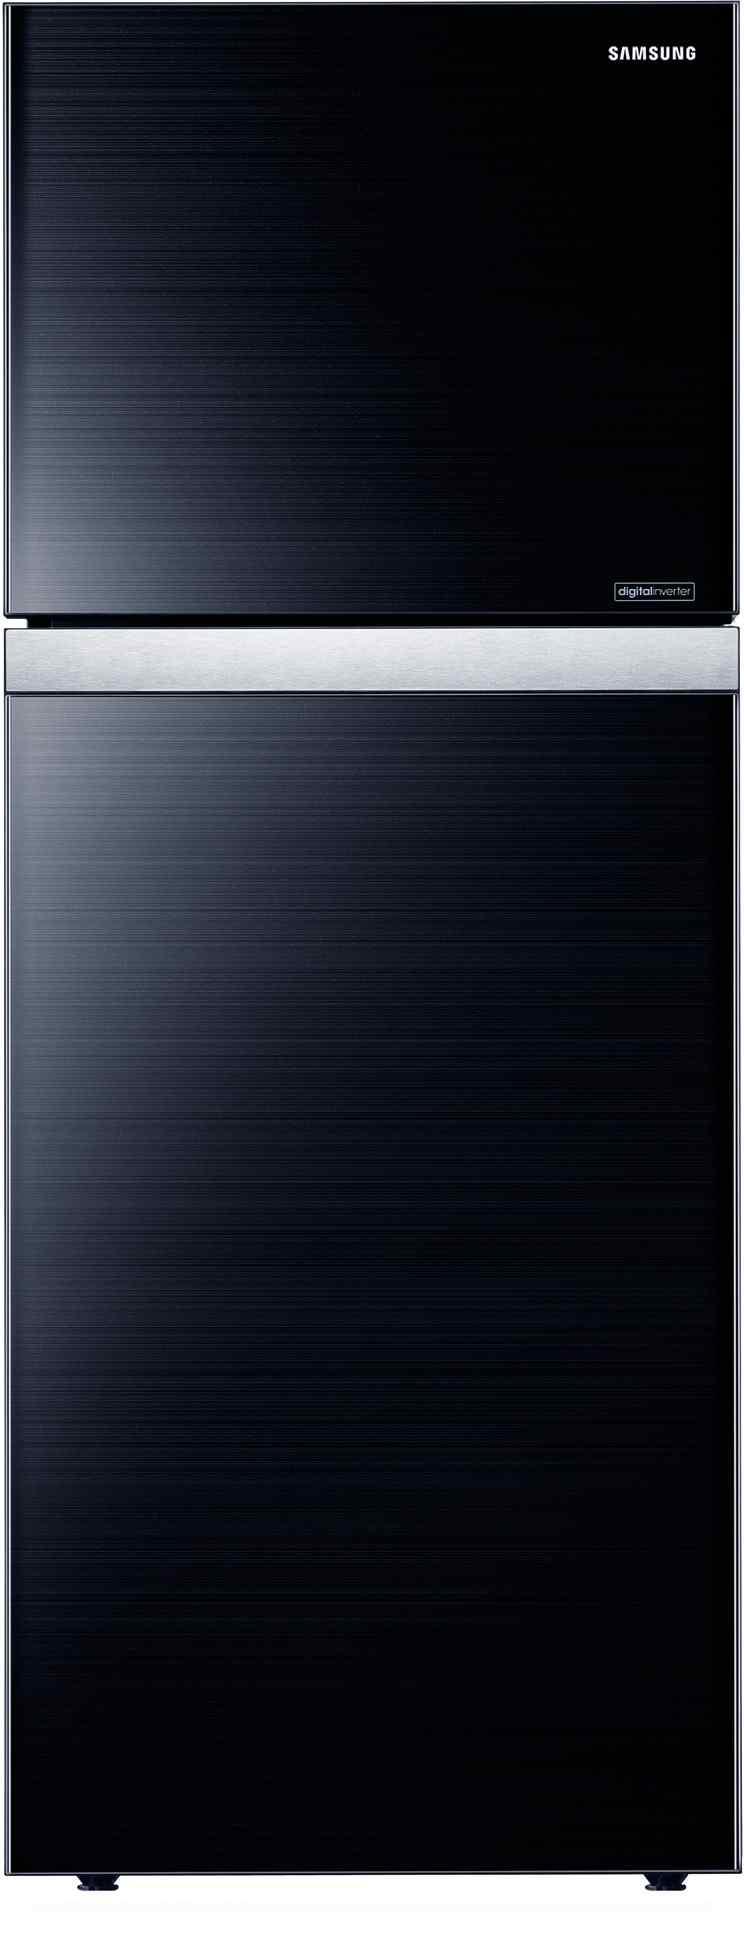 Best price on Samsung RT42HAUDEGL 401 Litres 4S Double Door Refrigerator (Glass) in India